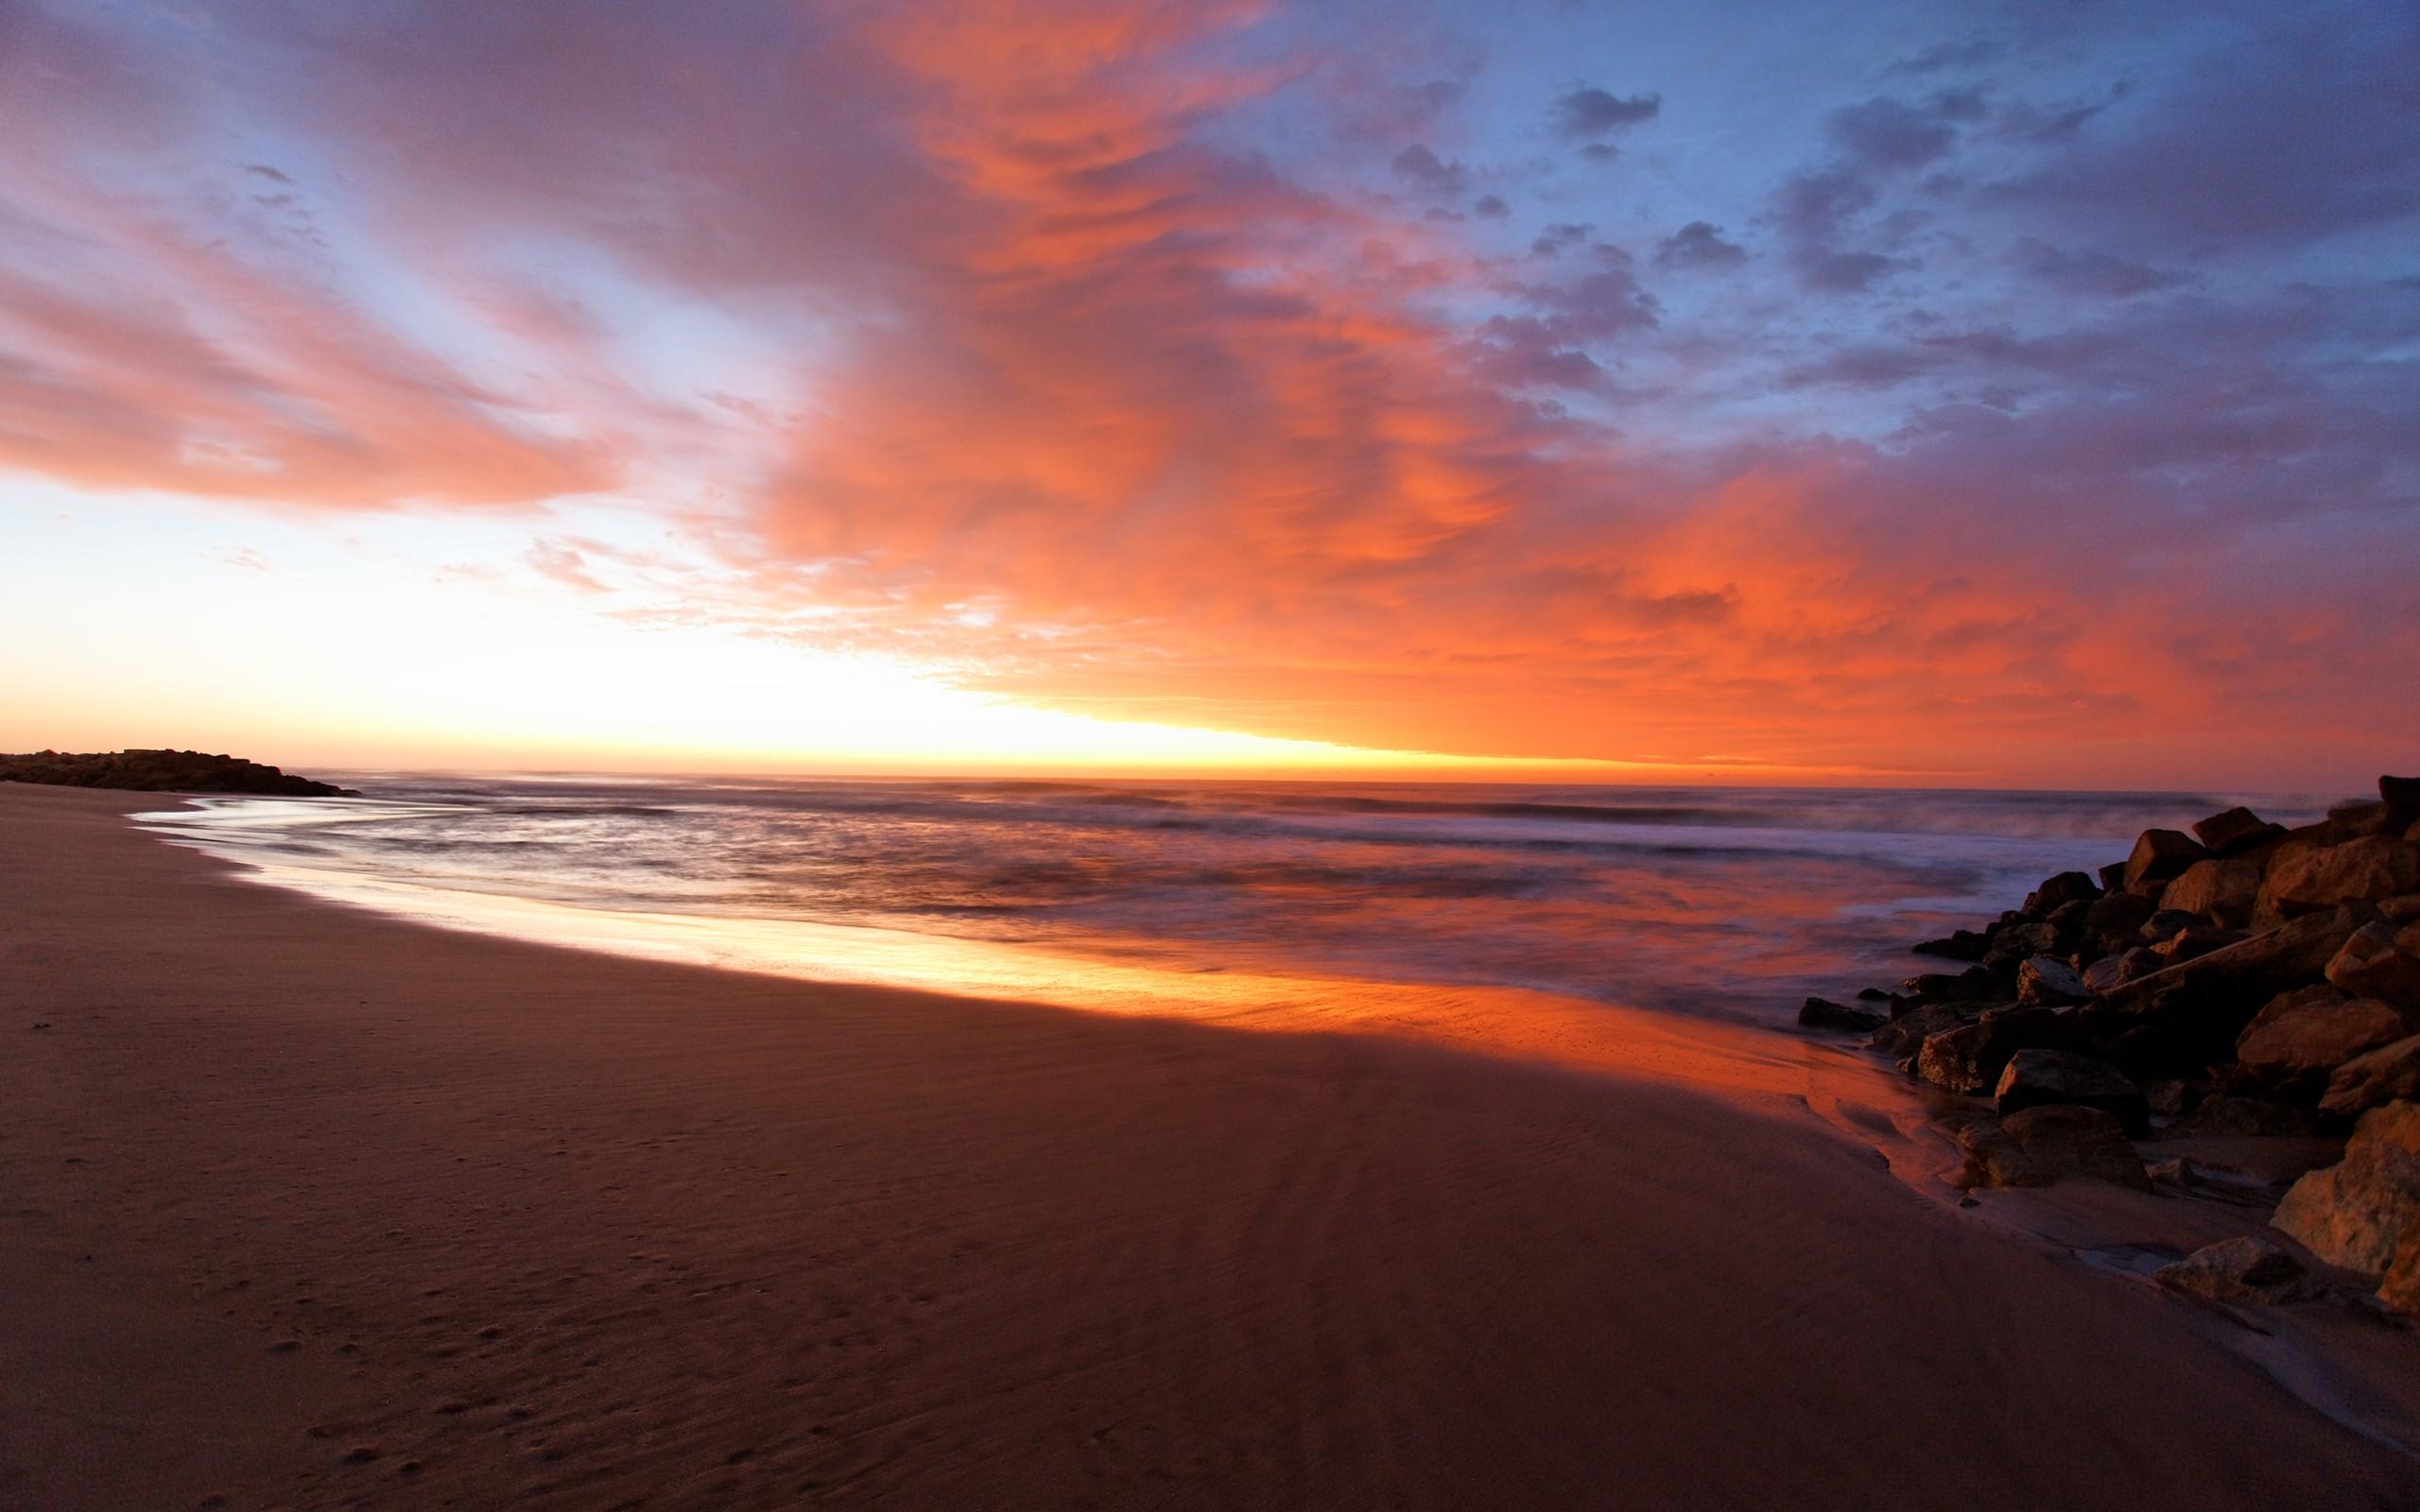 Amanecer en la playa - 2560x1600